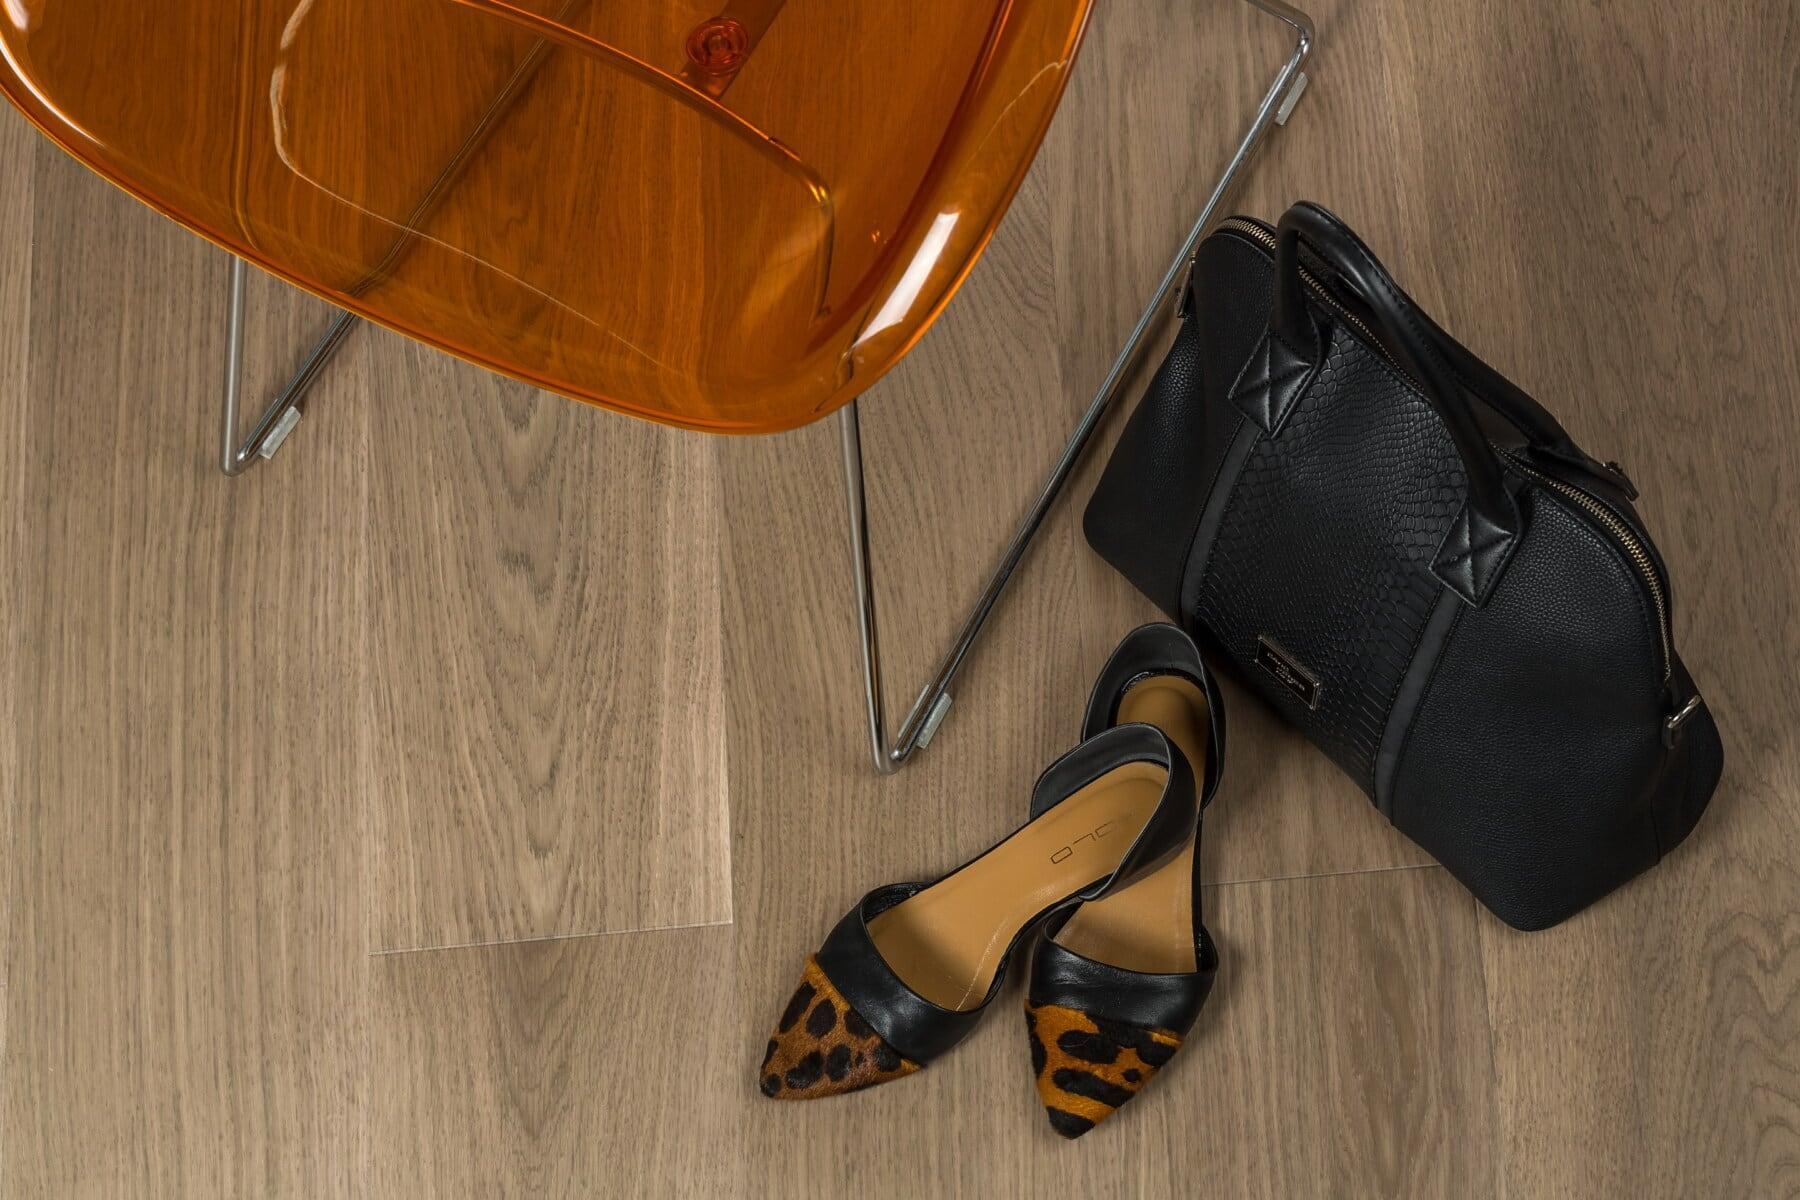 Sandal, orange gul, hæle, håndtaske, sort, læder, fancy, klassikko, styling, fodtøj